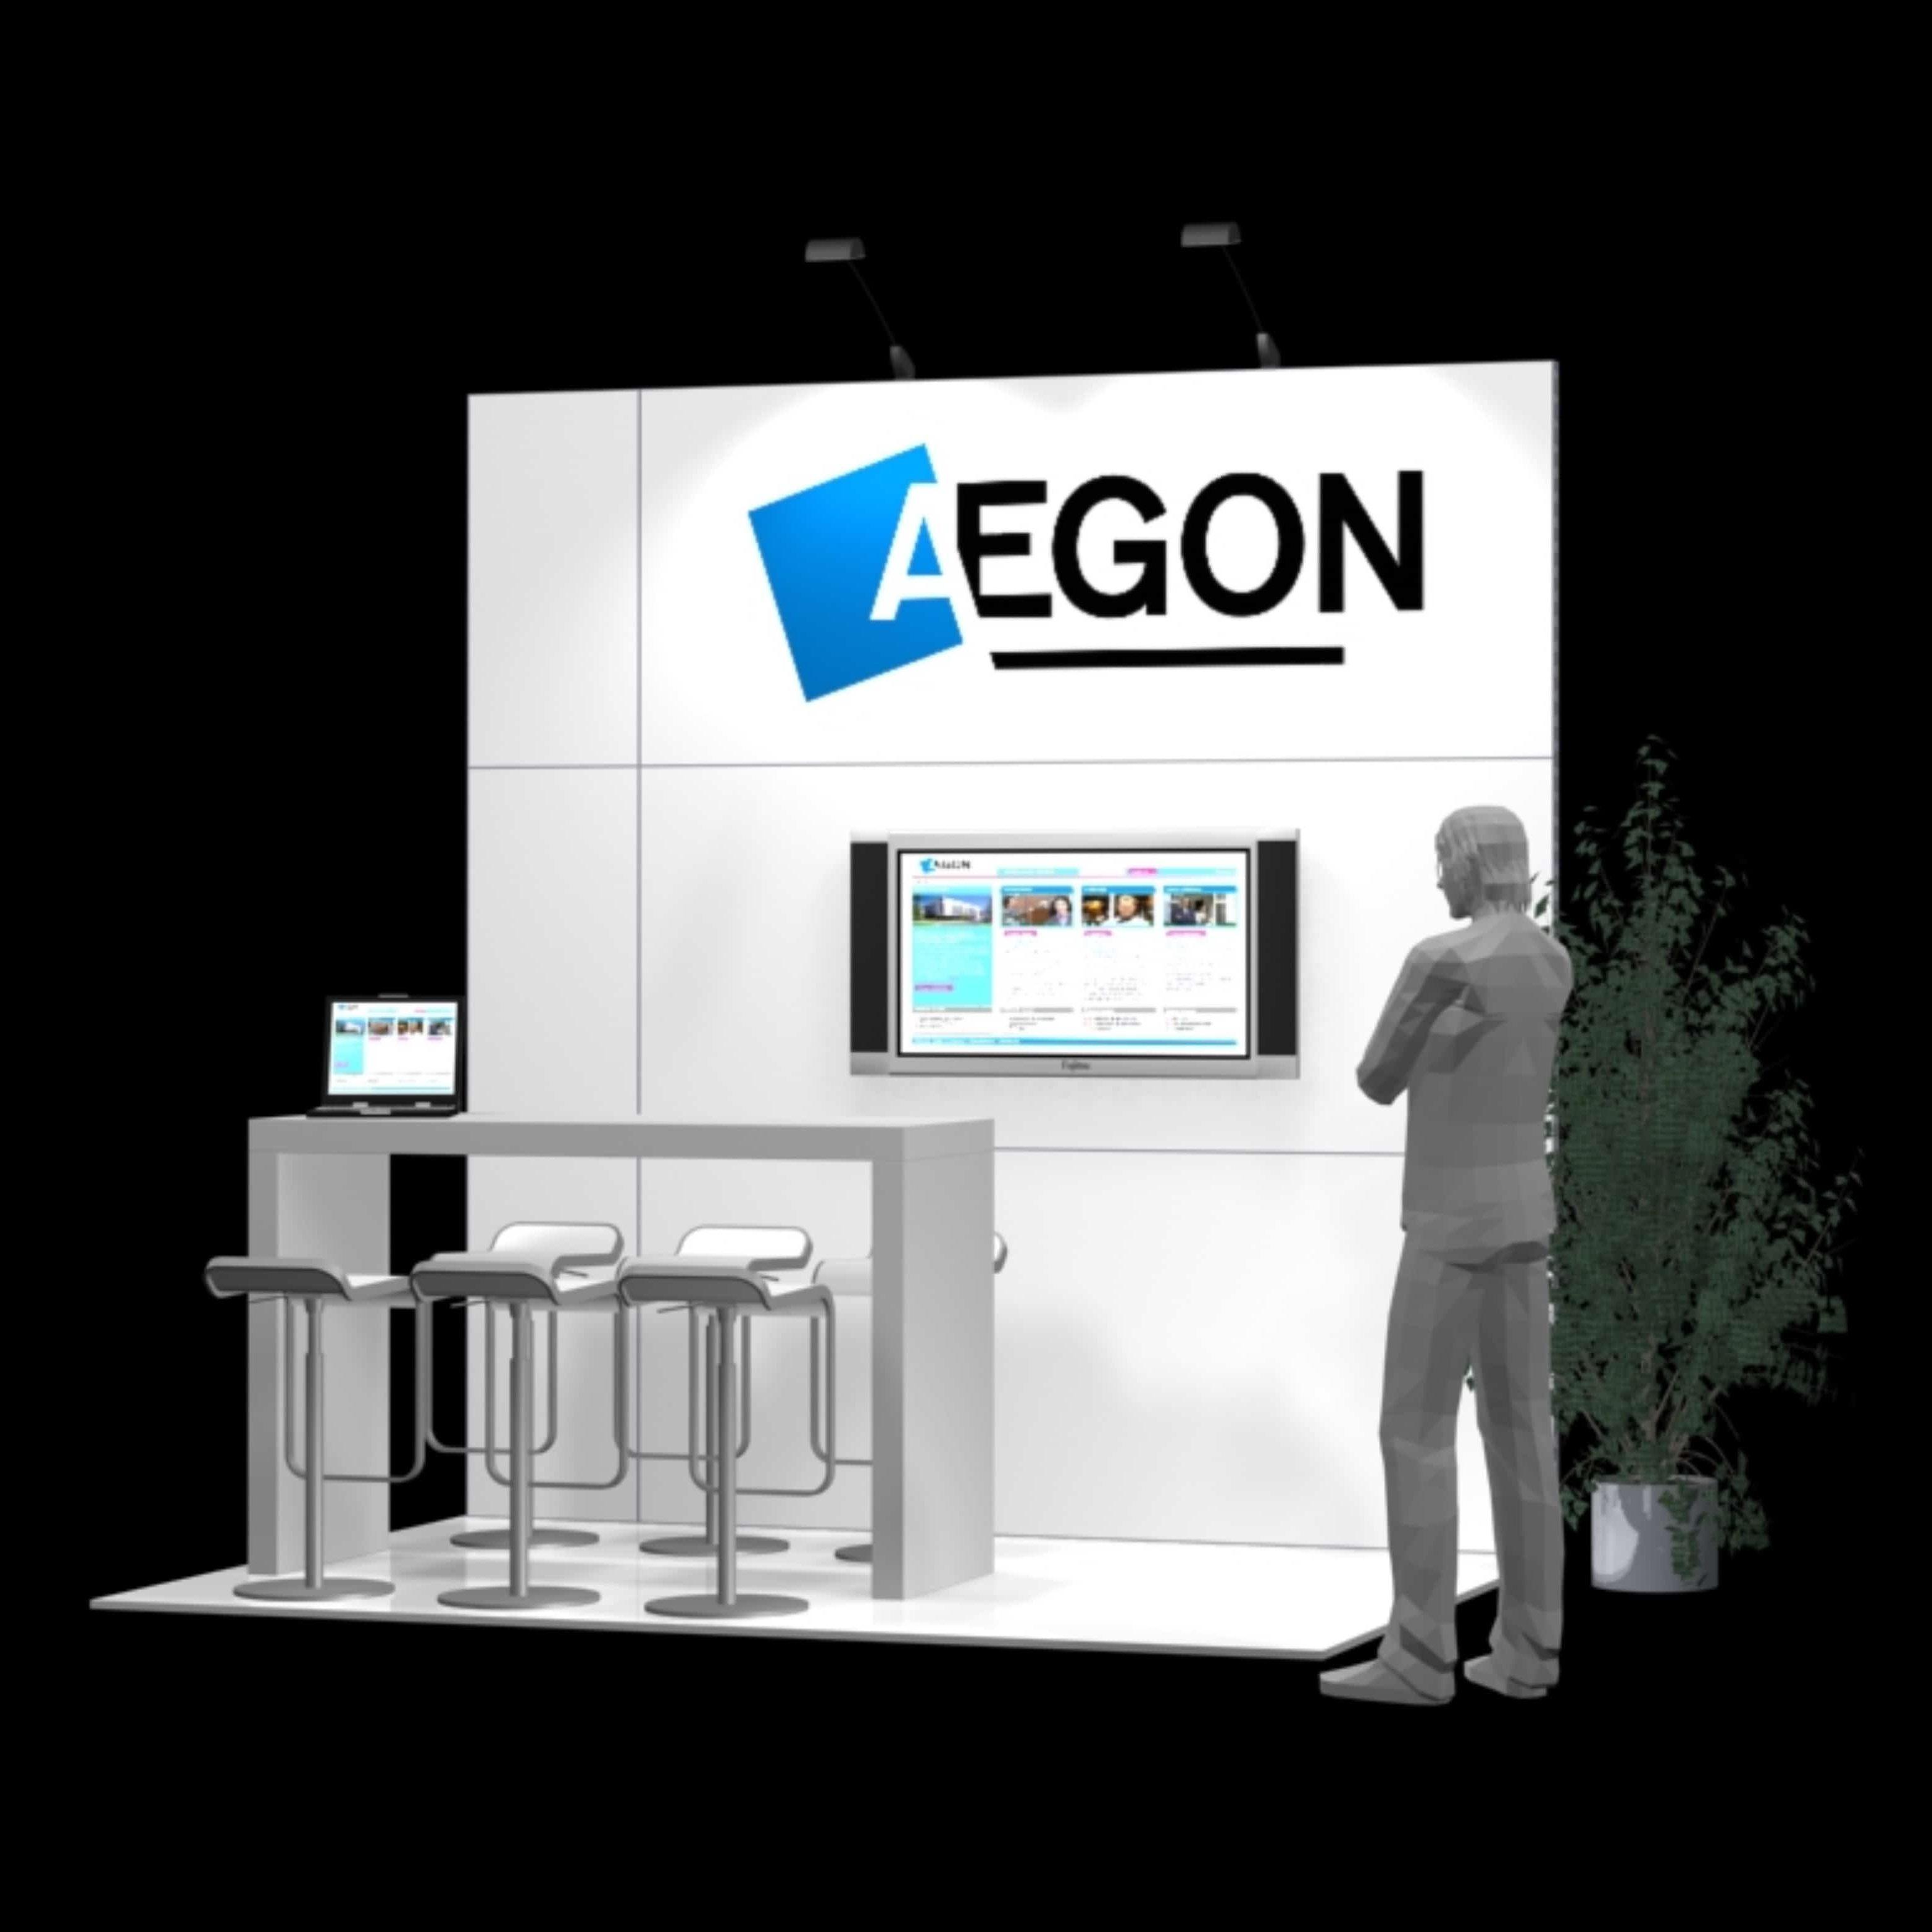 aegon-3x2-e1466167694872